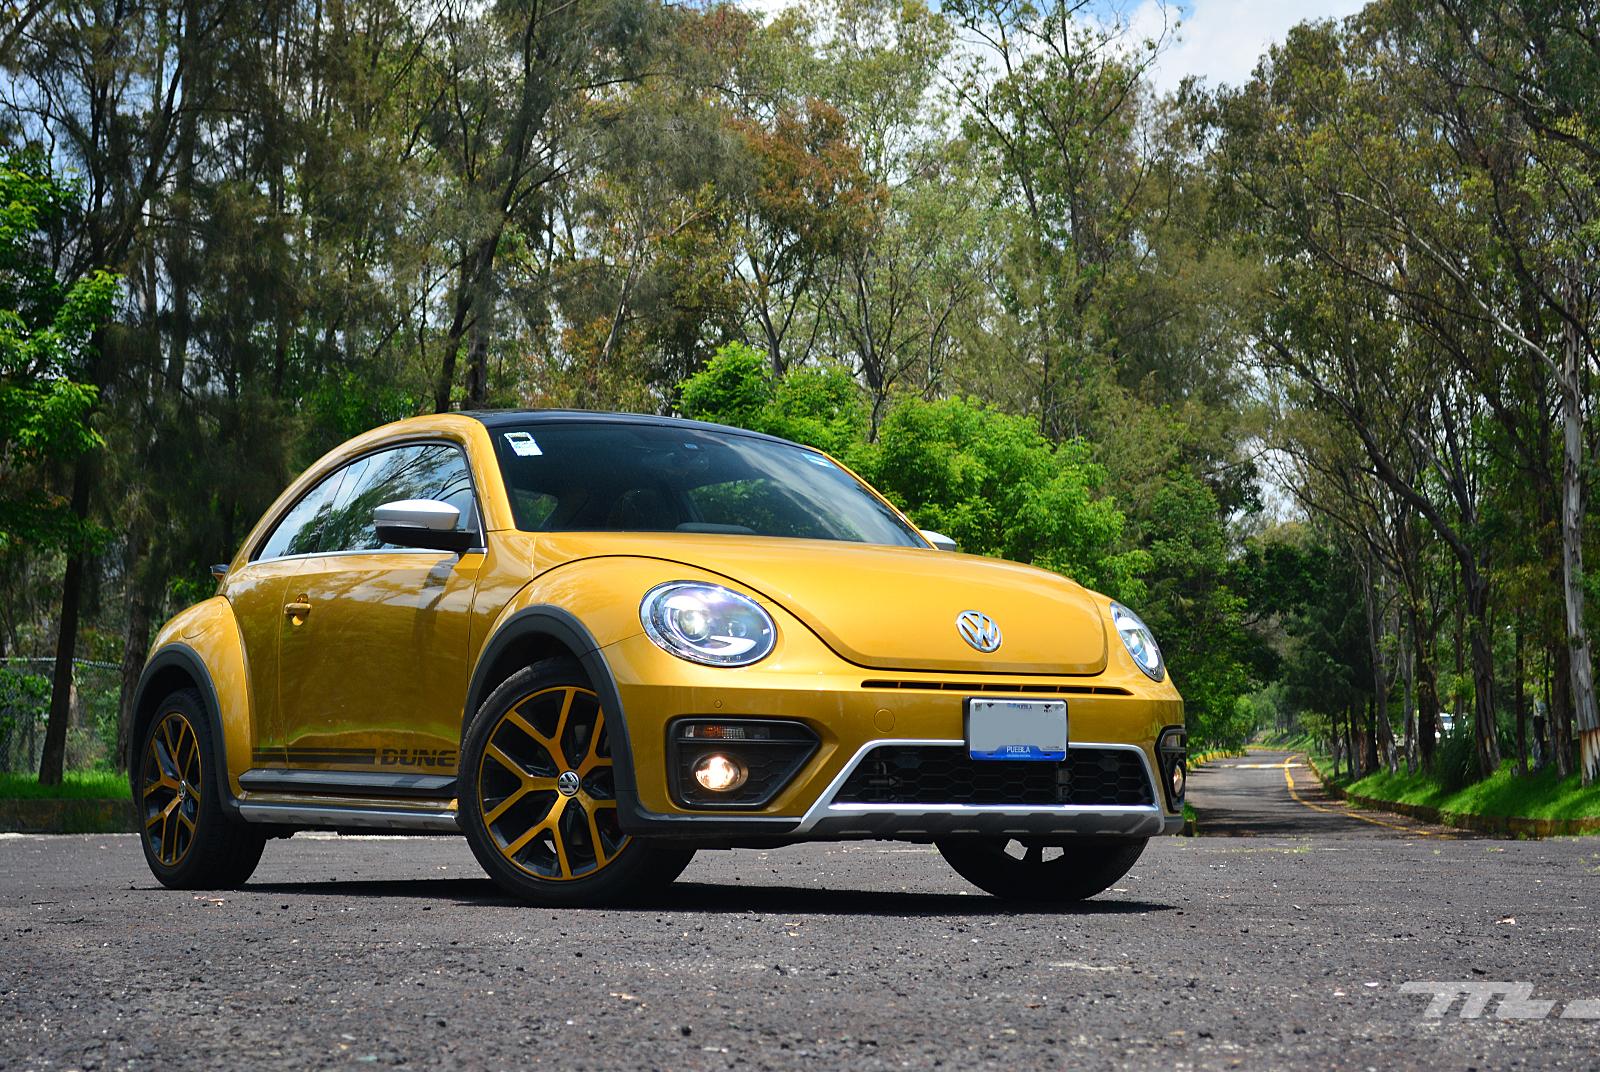 Kia Simi Valley >> Manejamos el Beetle Dune y nos divertimos de lo lindo con este Escarabajo off-road